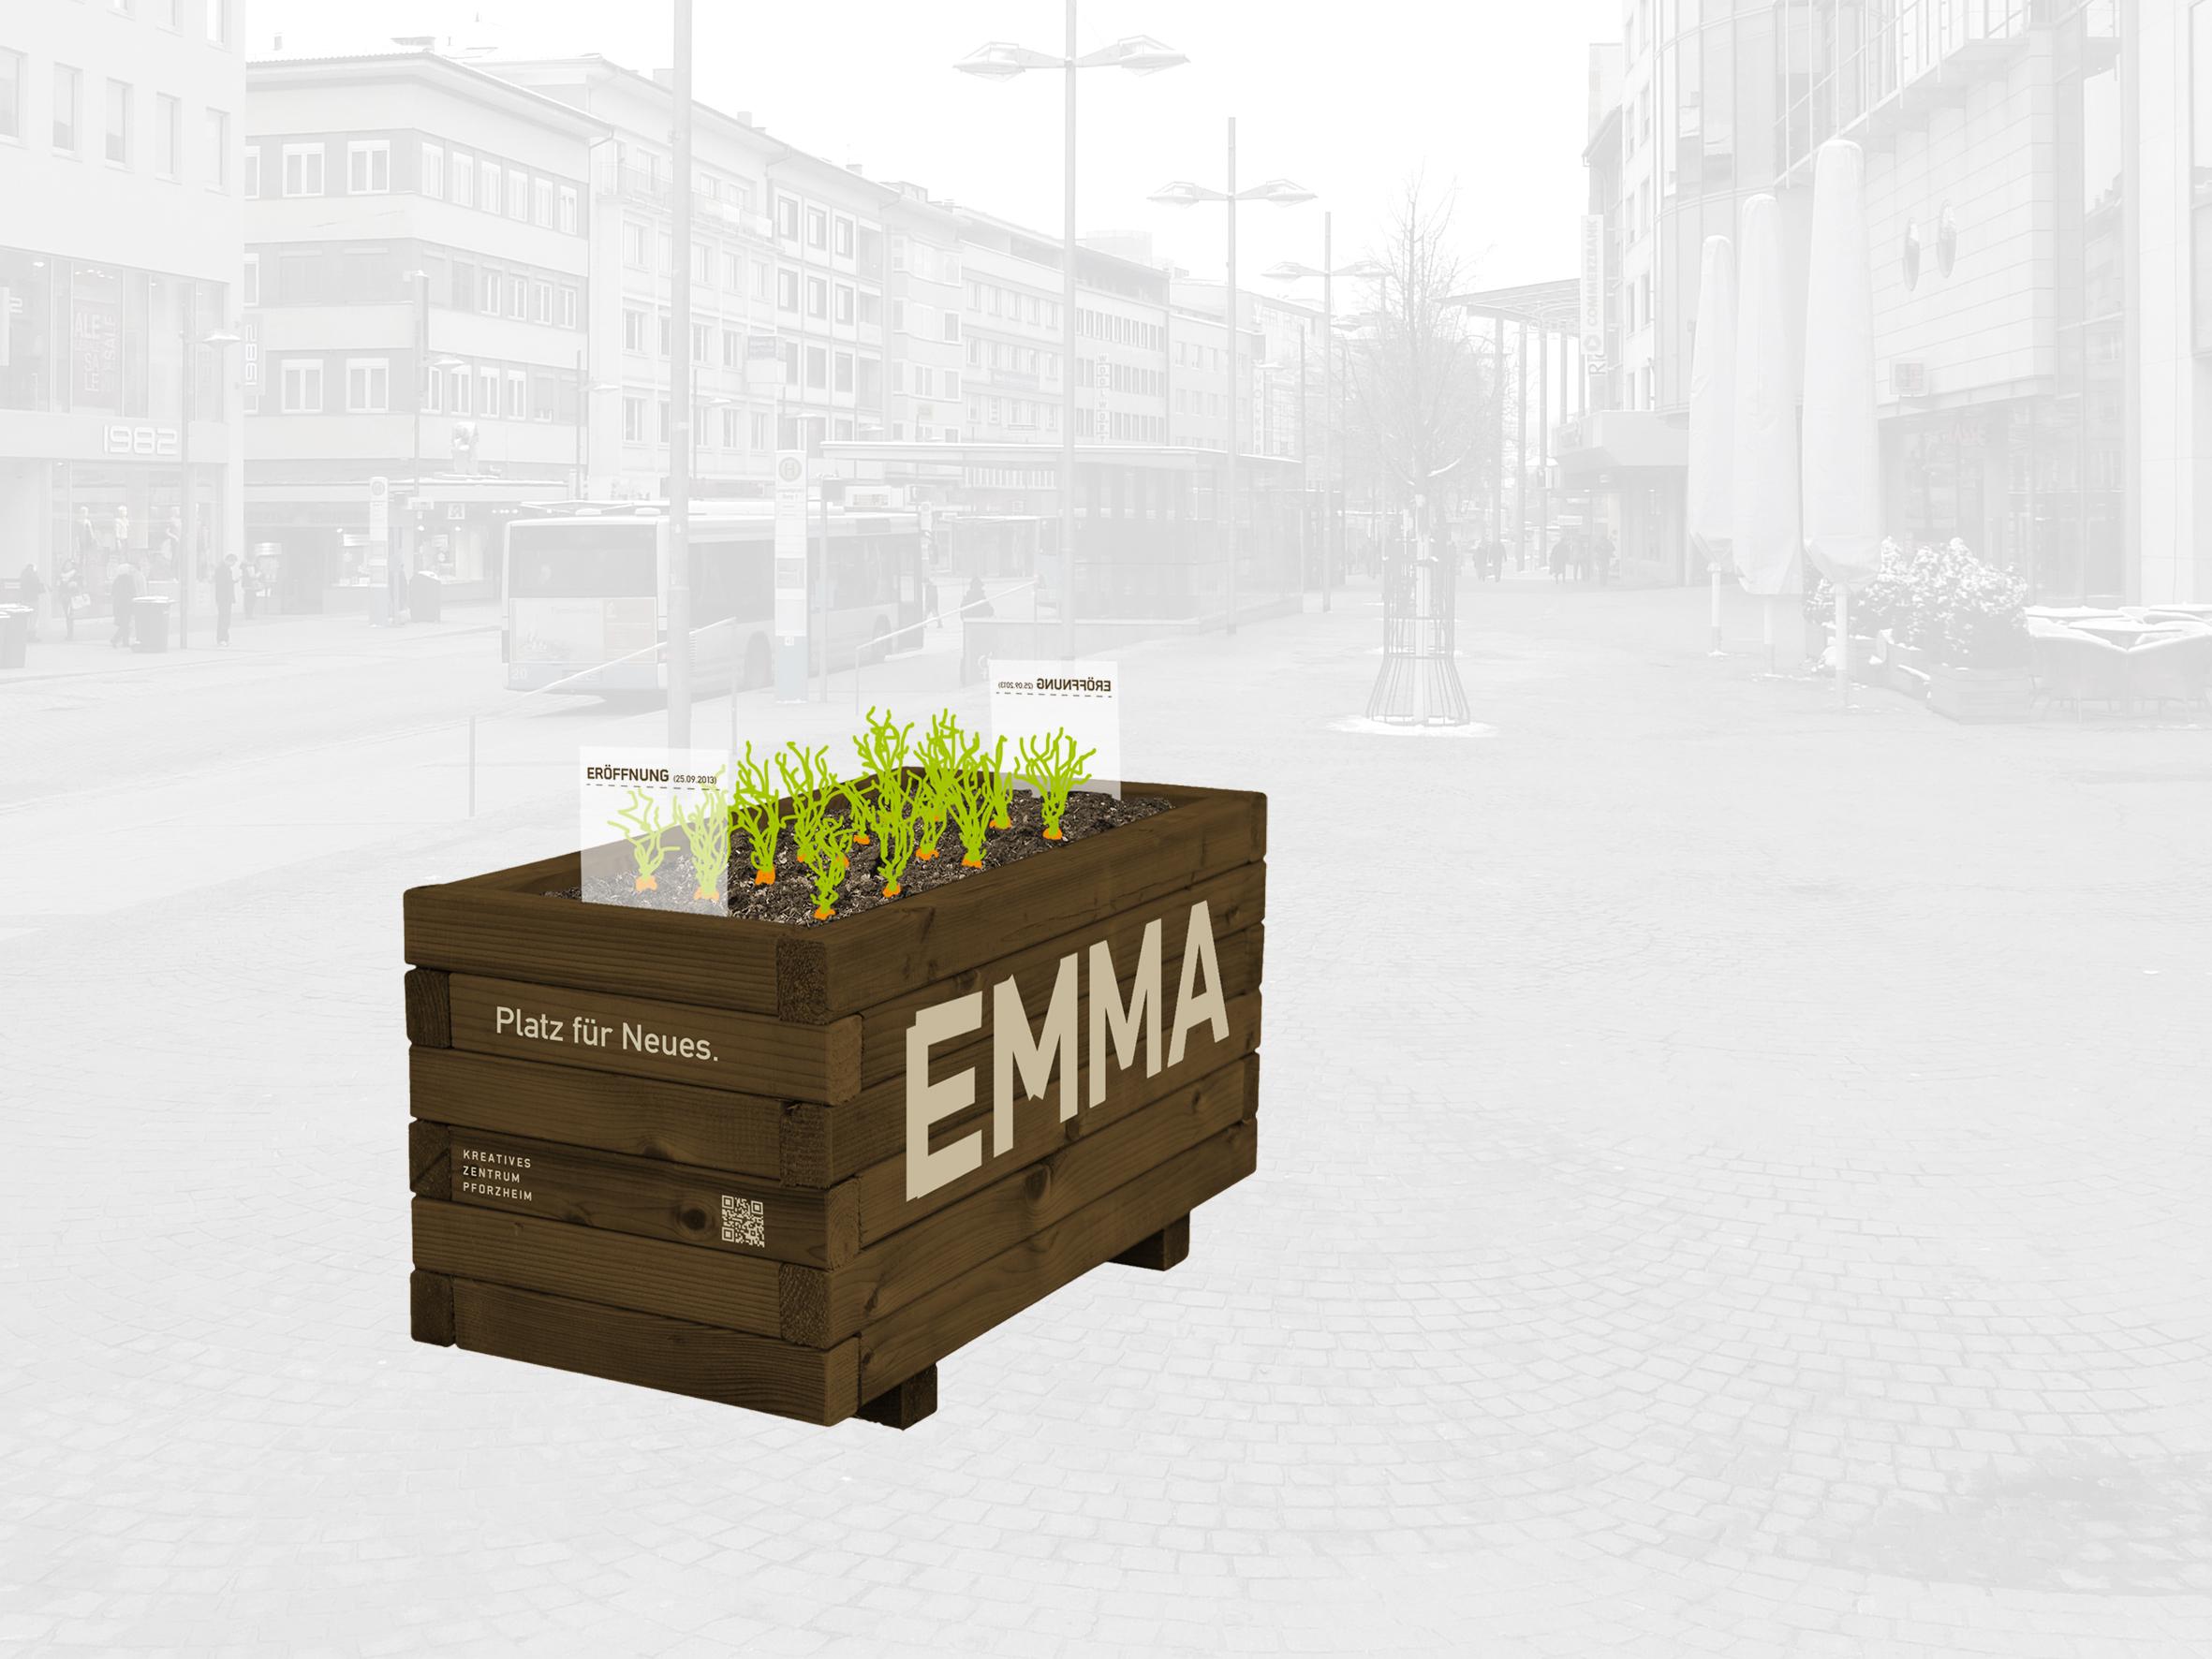 cobra-emma-pforzheim-kampagne-phase_3-blumenkasten